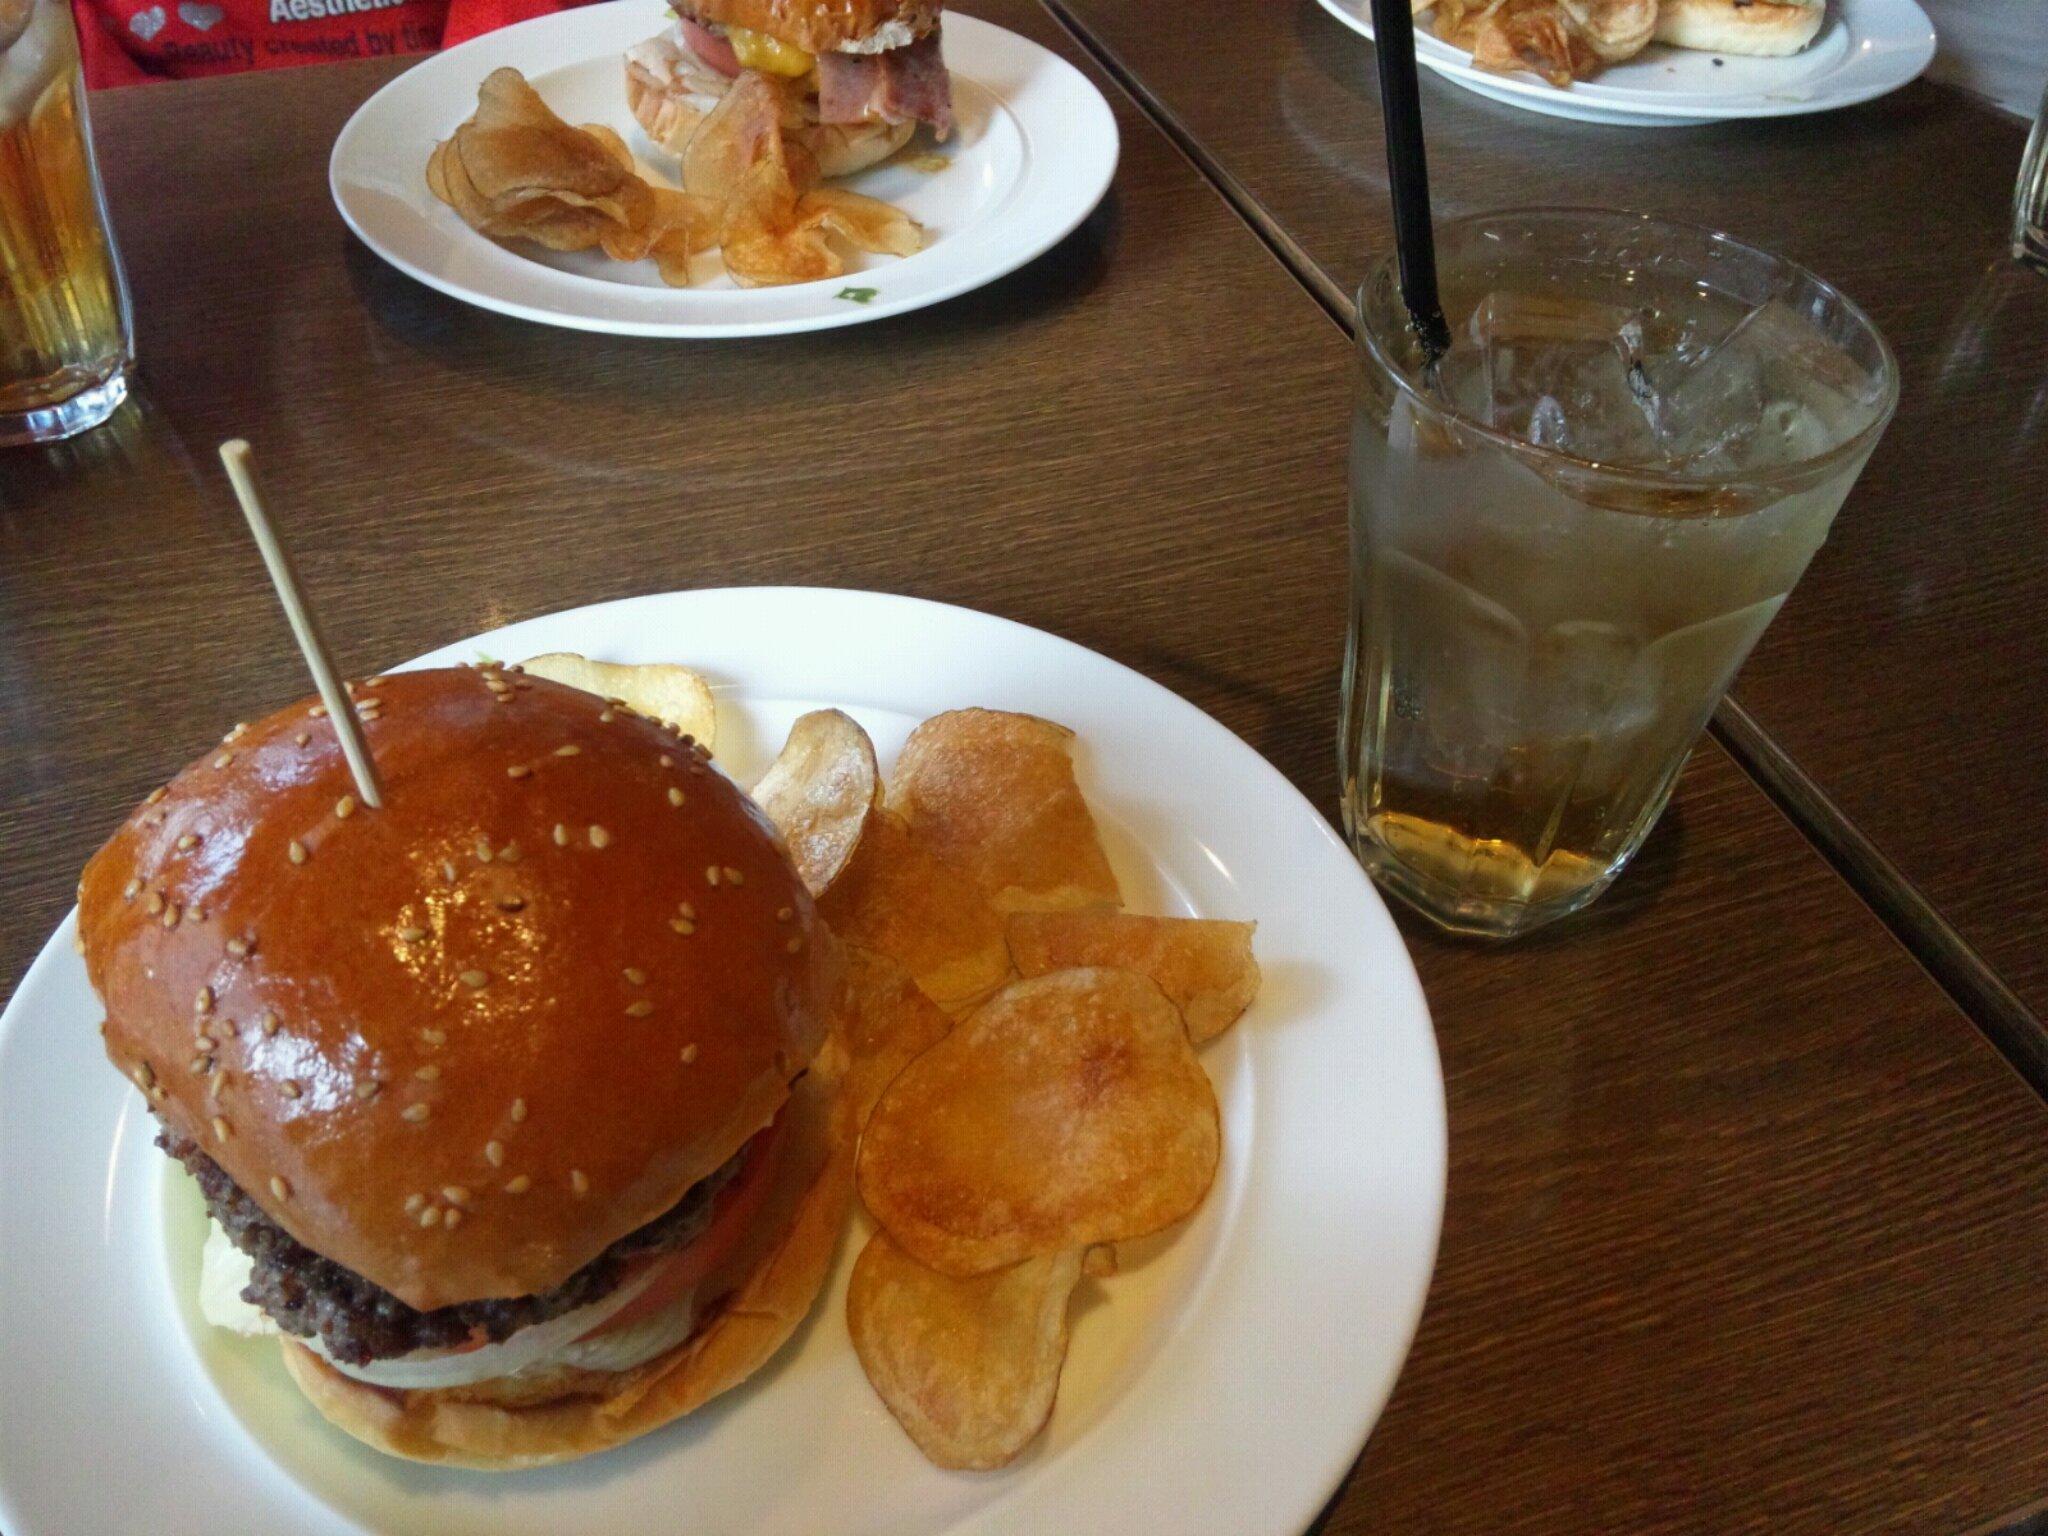 横須賀で頂いたネービーバーガーに近いものがあります。